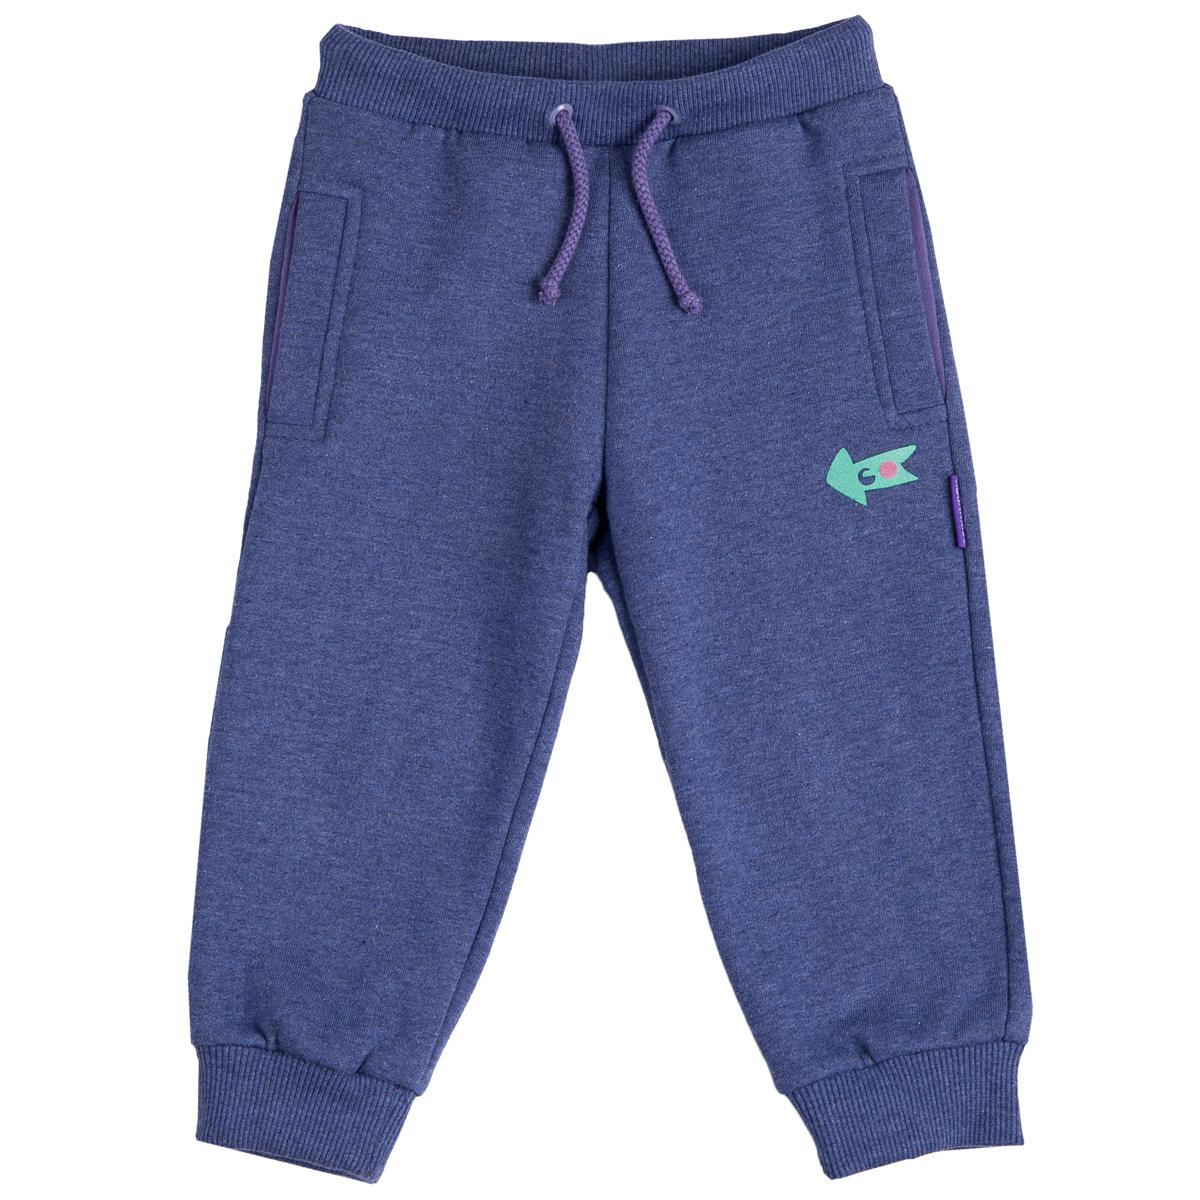 Брюки KogankidsБрюки с начесом на резинке с поясом-шнурок выполнены из футерного полотна. Станут незаменимой вещью повседневного гардероба малыша, а также обеспечат максимальный комфорт и тепло во время носки.<br>Размер: 86; Цвет: Фиолетовый;